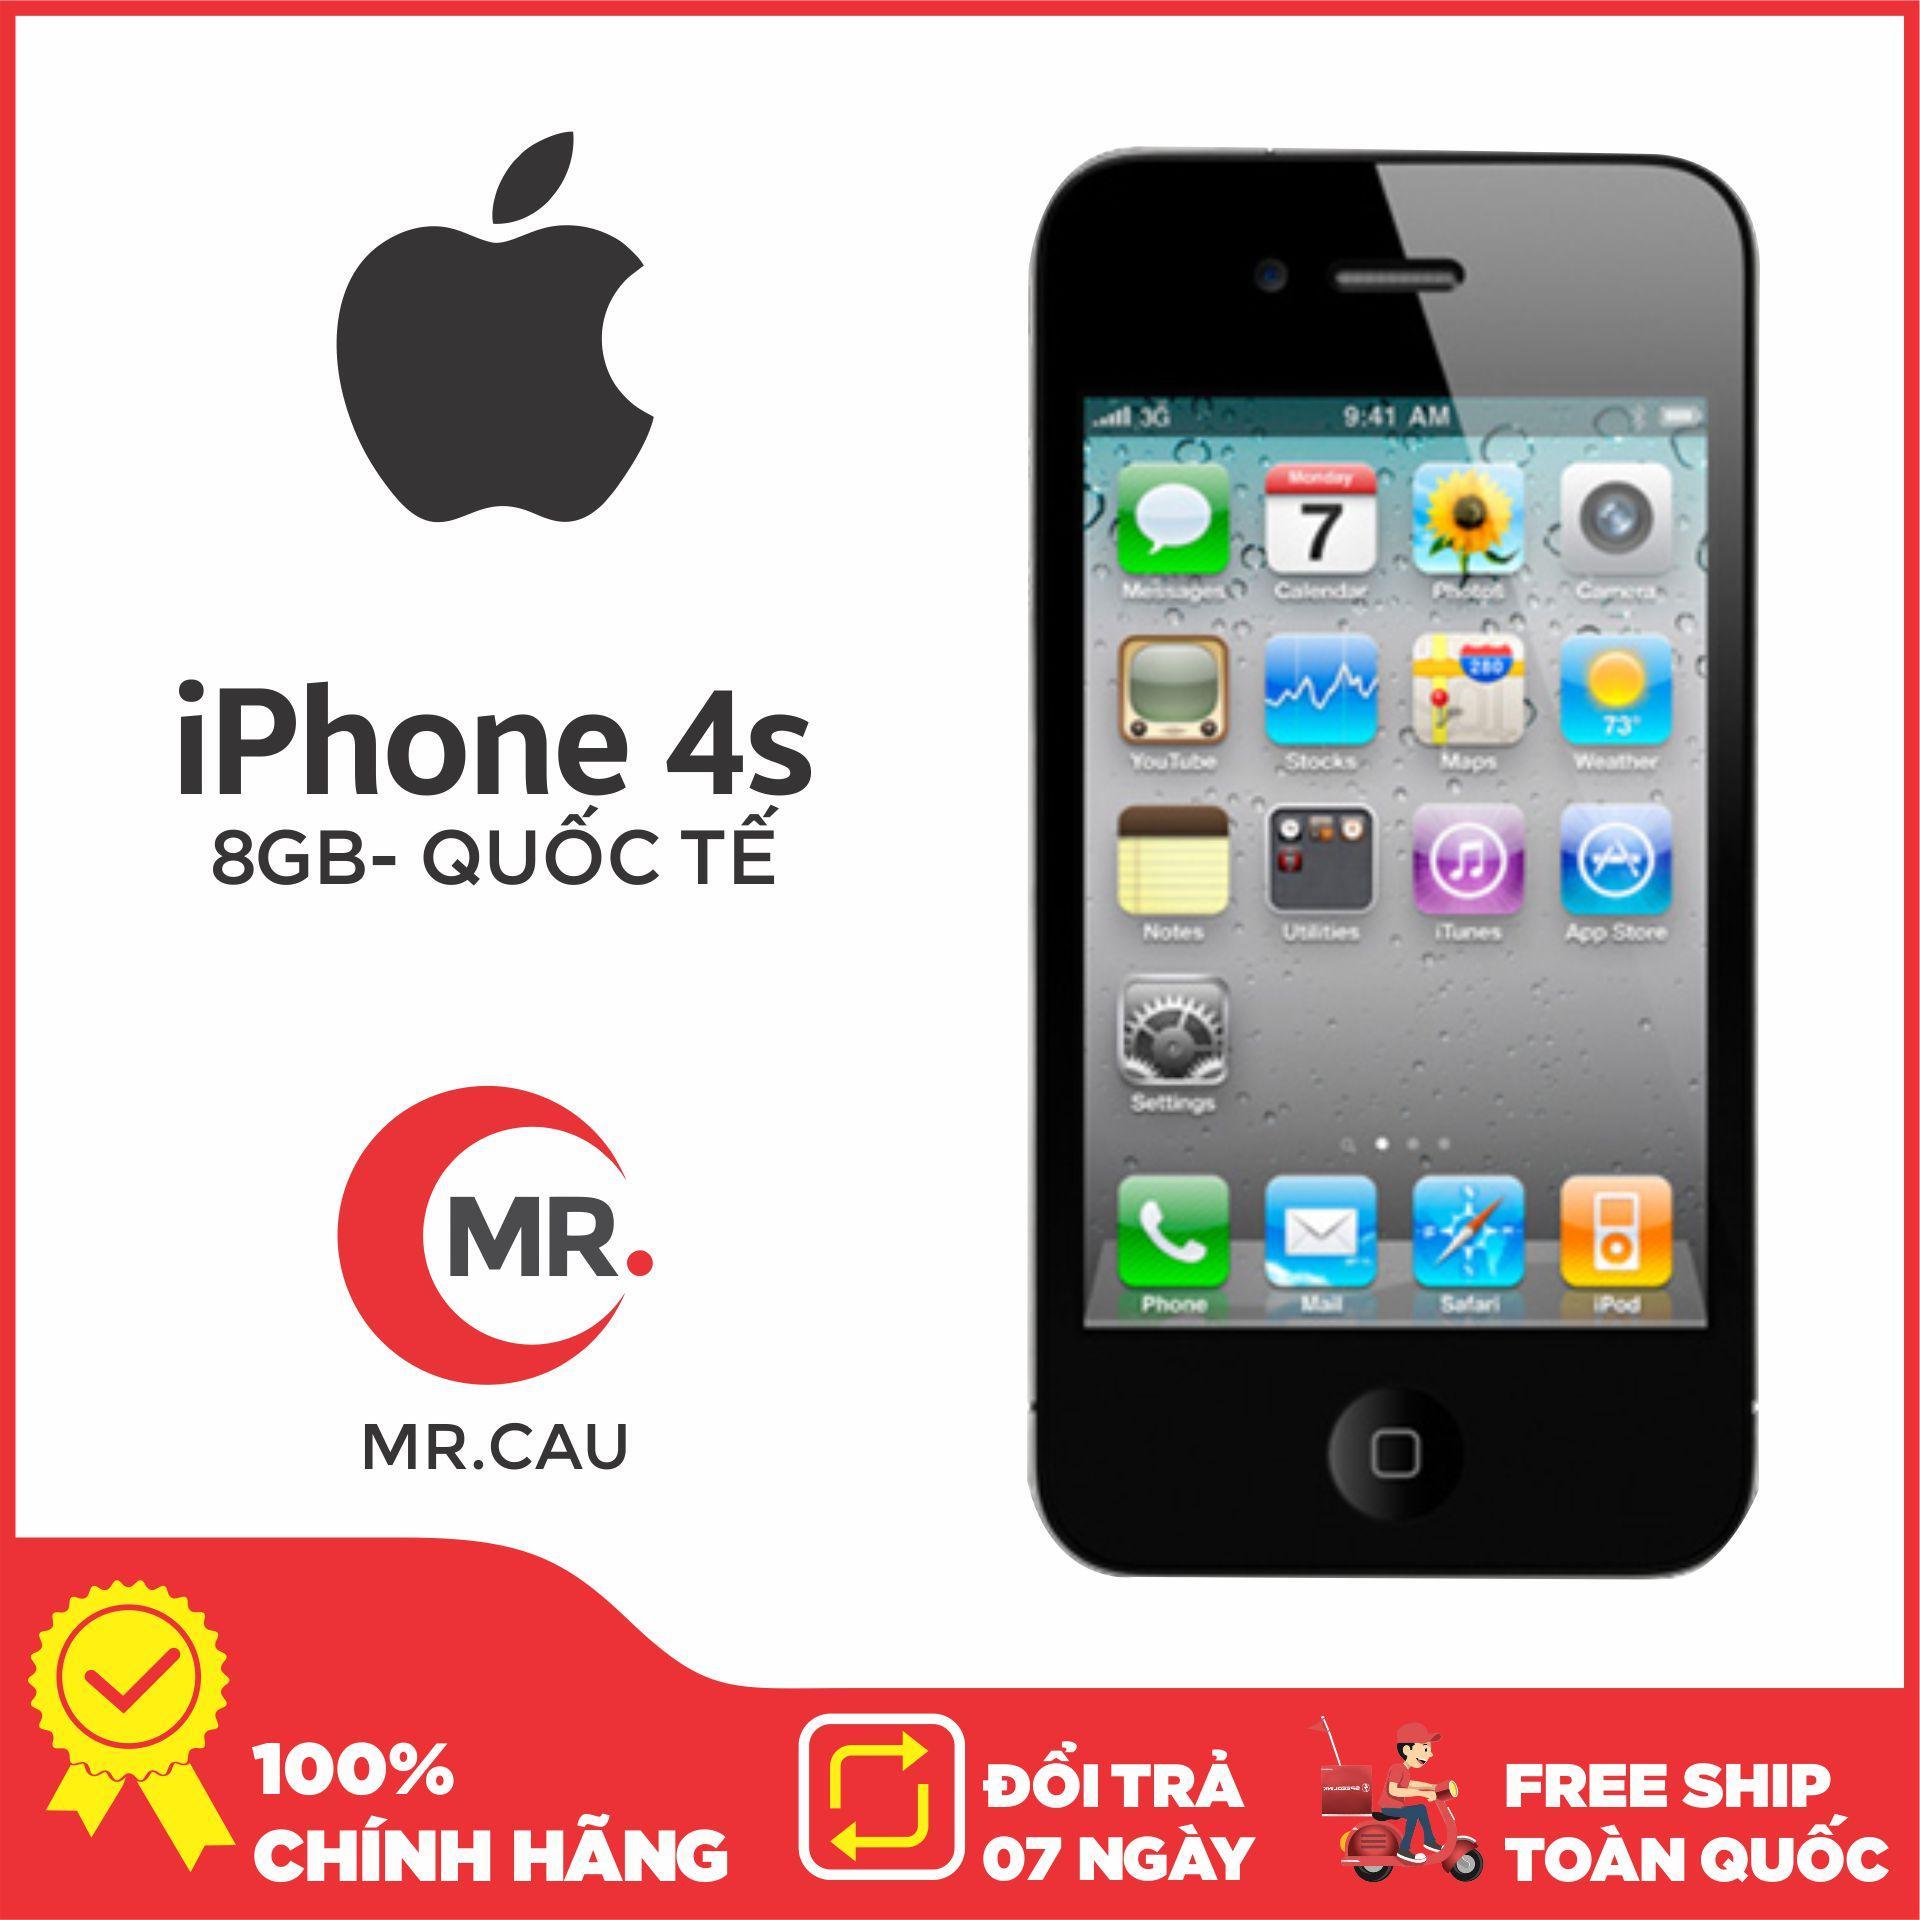 Siêu Tiết Kiệm Khi Mua Điện Thoại Apple IPhone 4 -8 GB - Bản QUỐC TẾ MÁY ĐẸP FULL CHỨC NẮNG Nghe Gọi Thao Tác Cảm ứng Lên Mạng Giải Trí Chip A4 Ram 512 MB Phù Hợp Cho Sinh Viên , Tặng Dây Sạc - Đổi Trả Miễn Phí 7 Tại Nhà - Yên Tâm Mua Sắm Với Mr Cầu